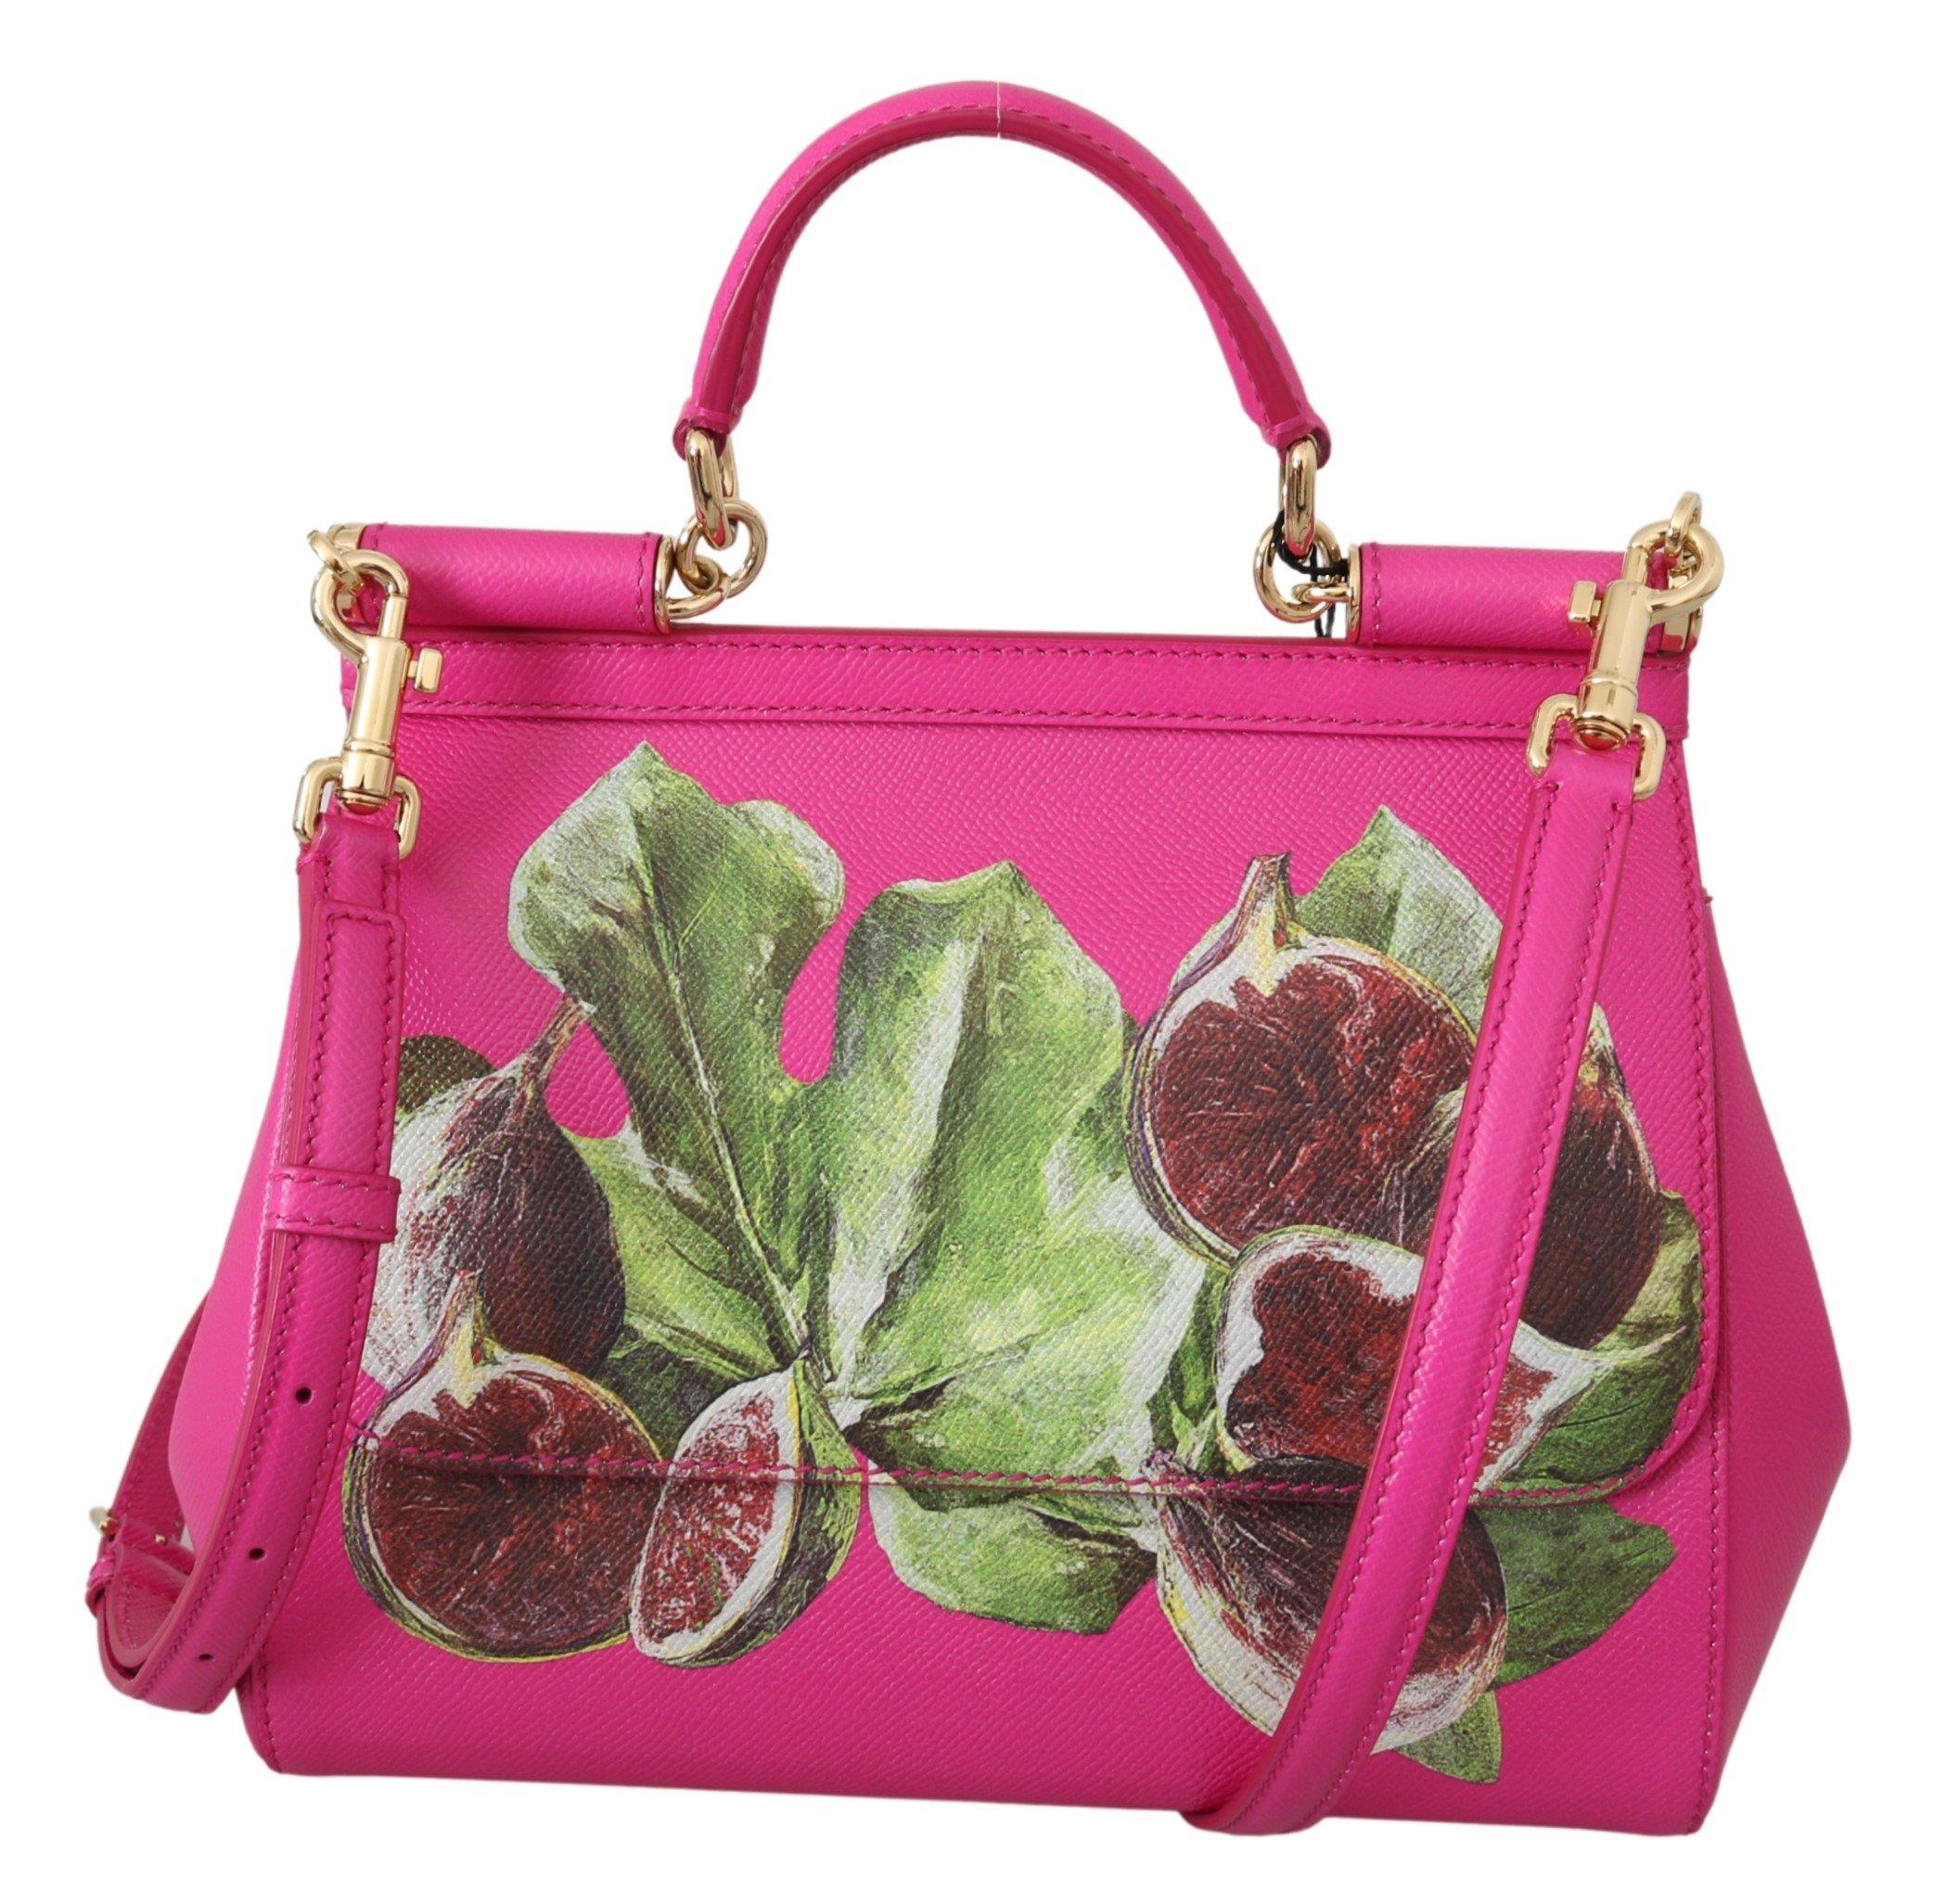 Dolce & Gabbana Women's Fig Fruit SICILY Leather Shoulder Bag Pink VAS9948